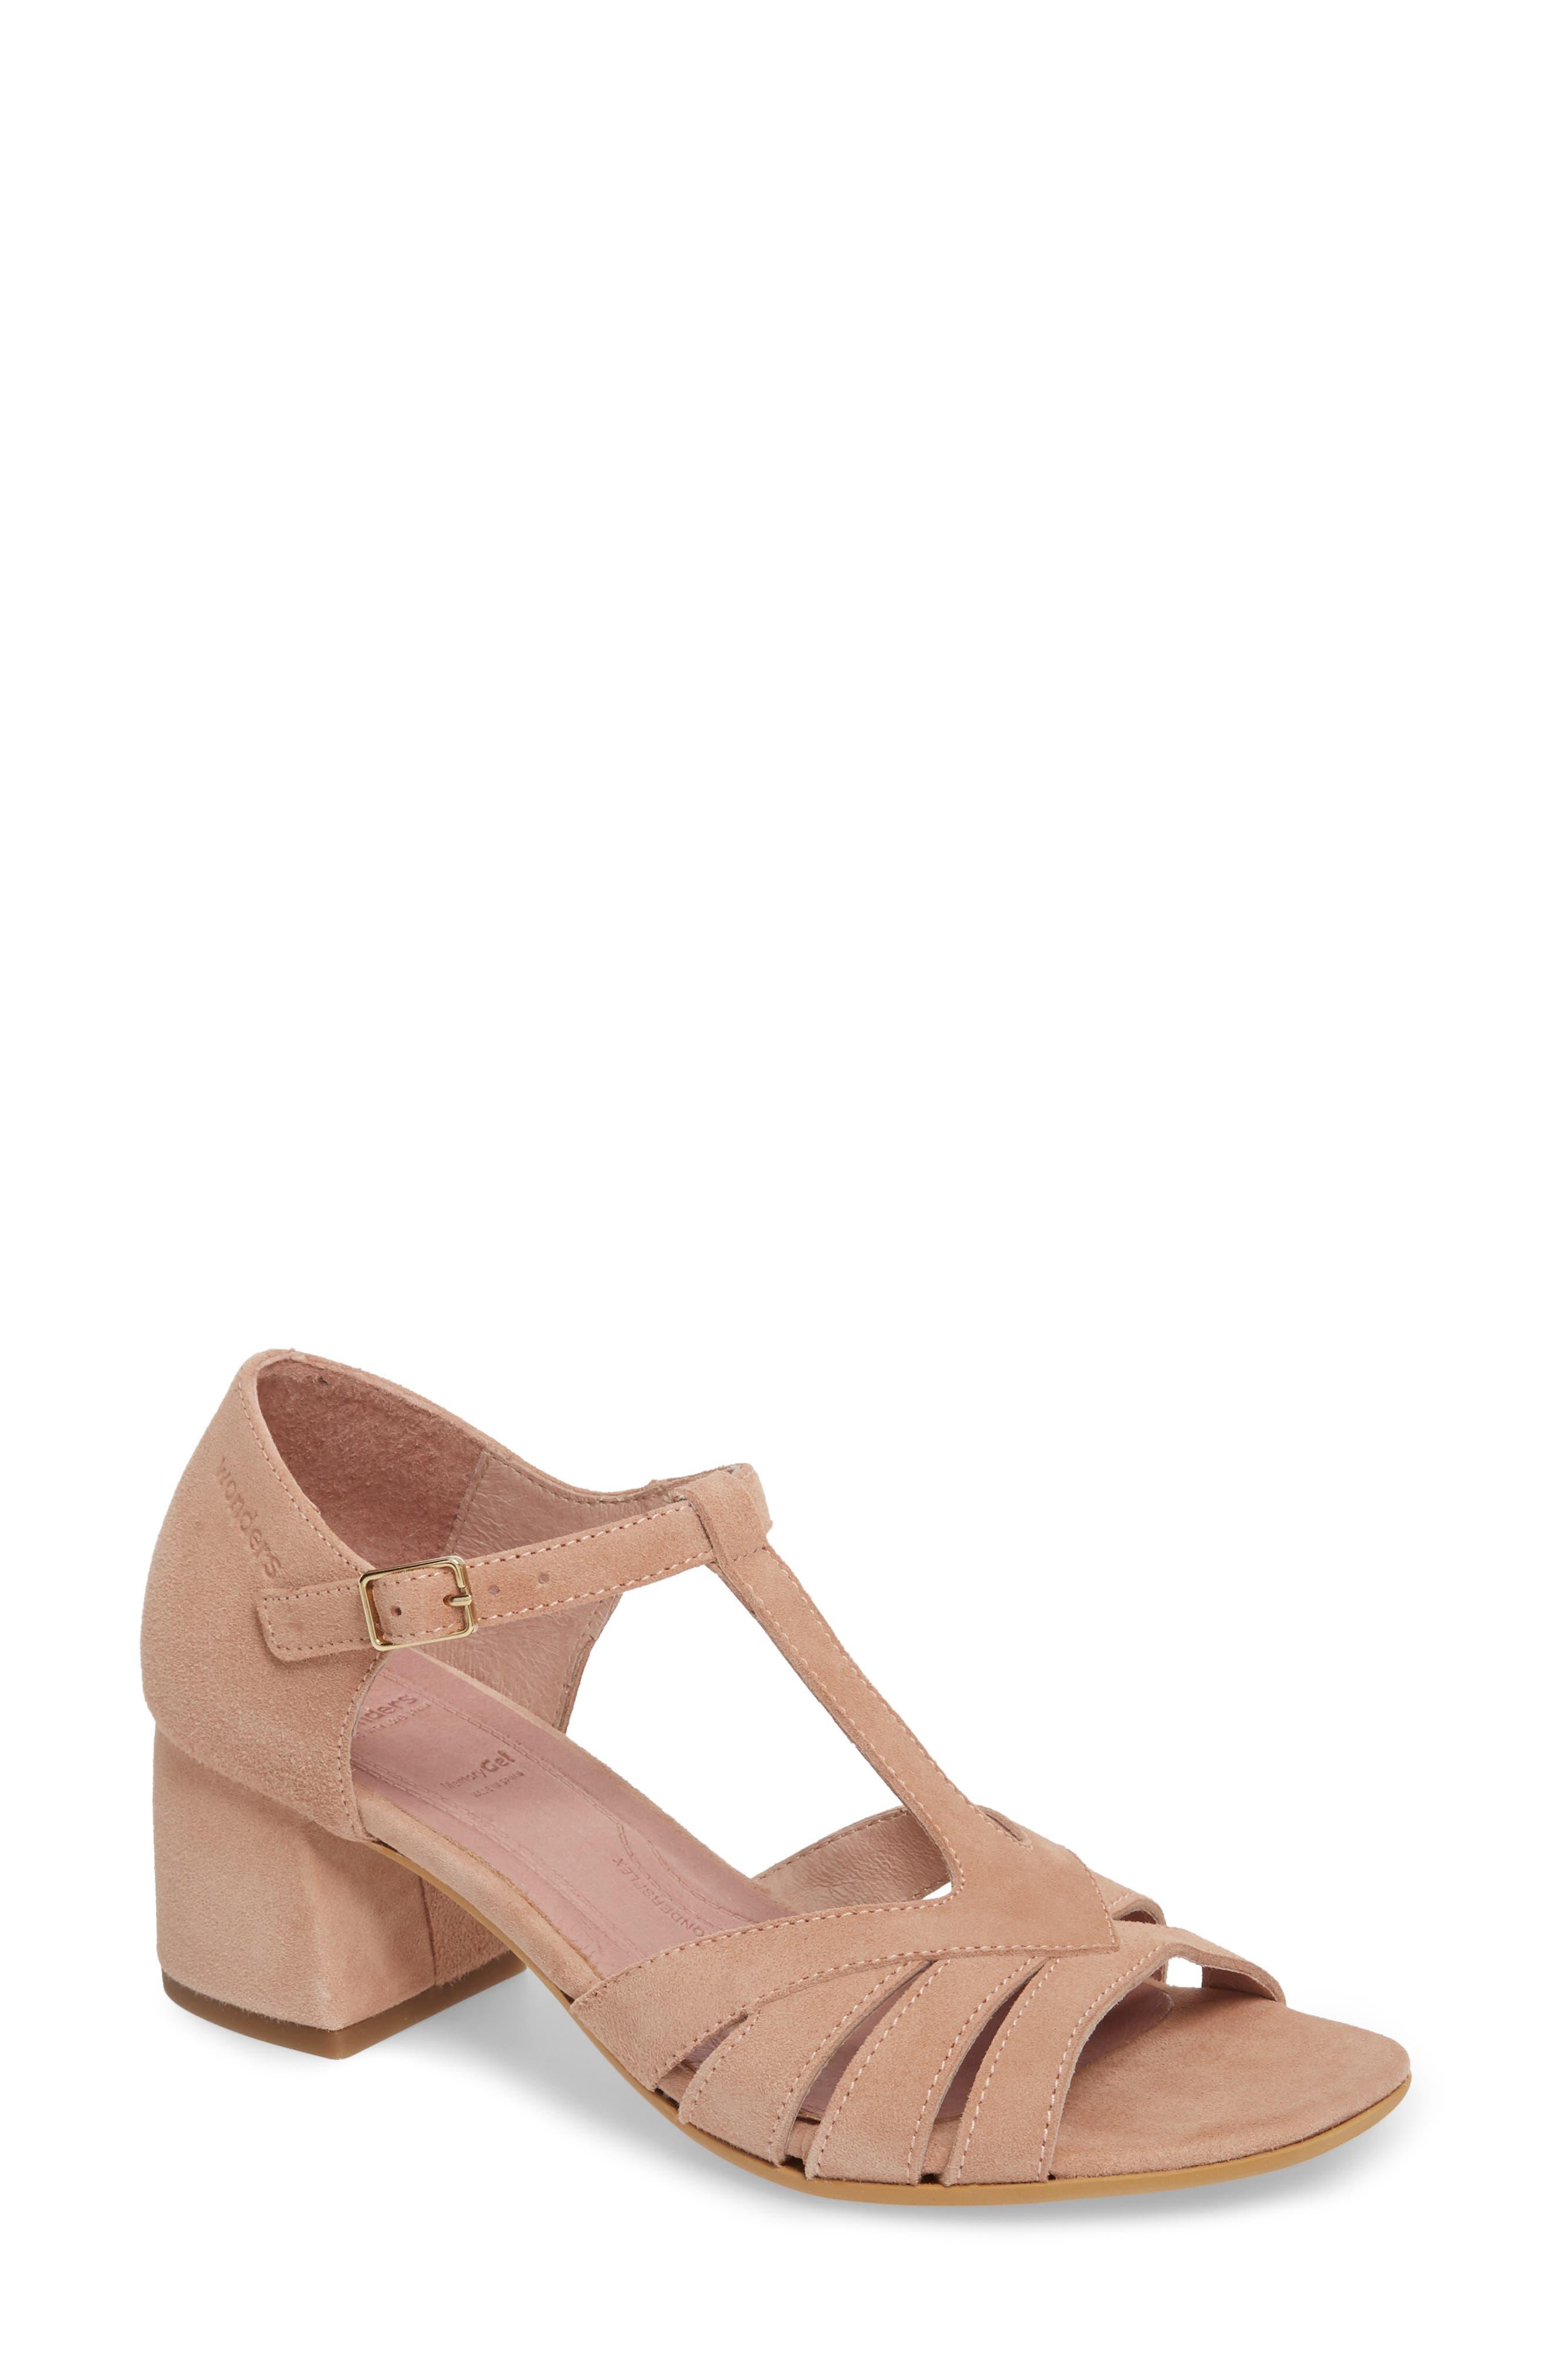 Wonders Block Heel Sandal, Beige